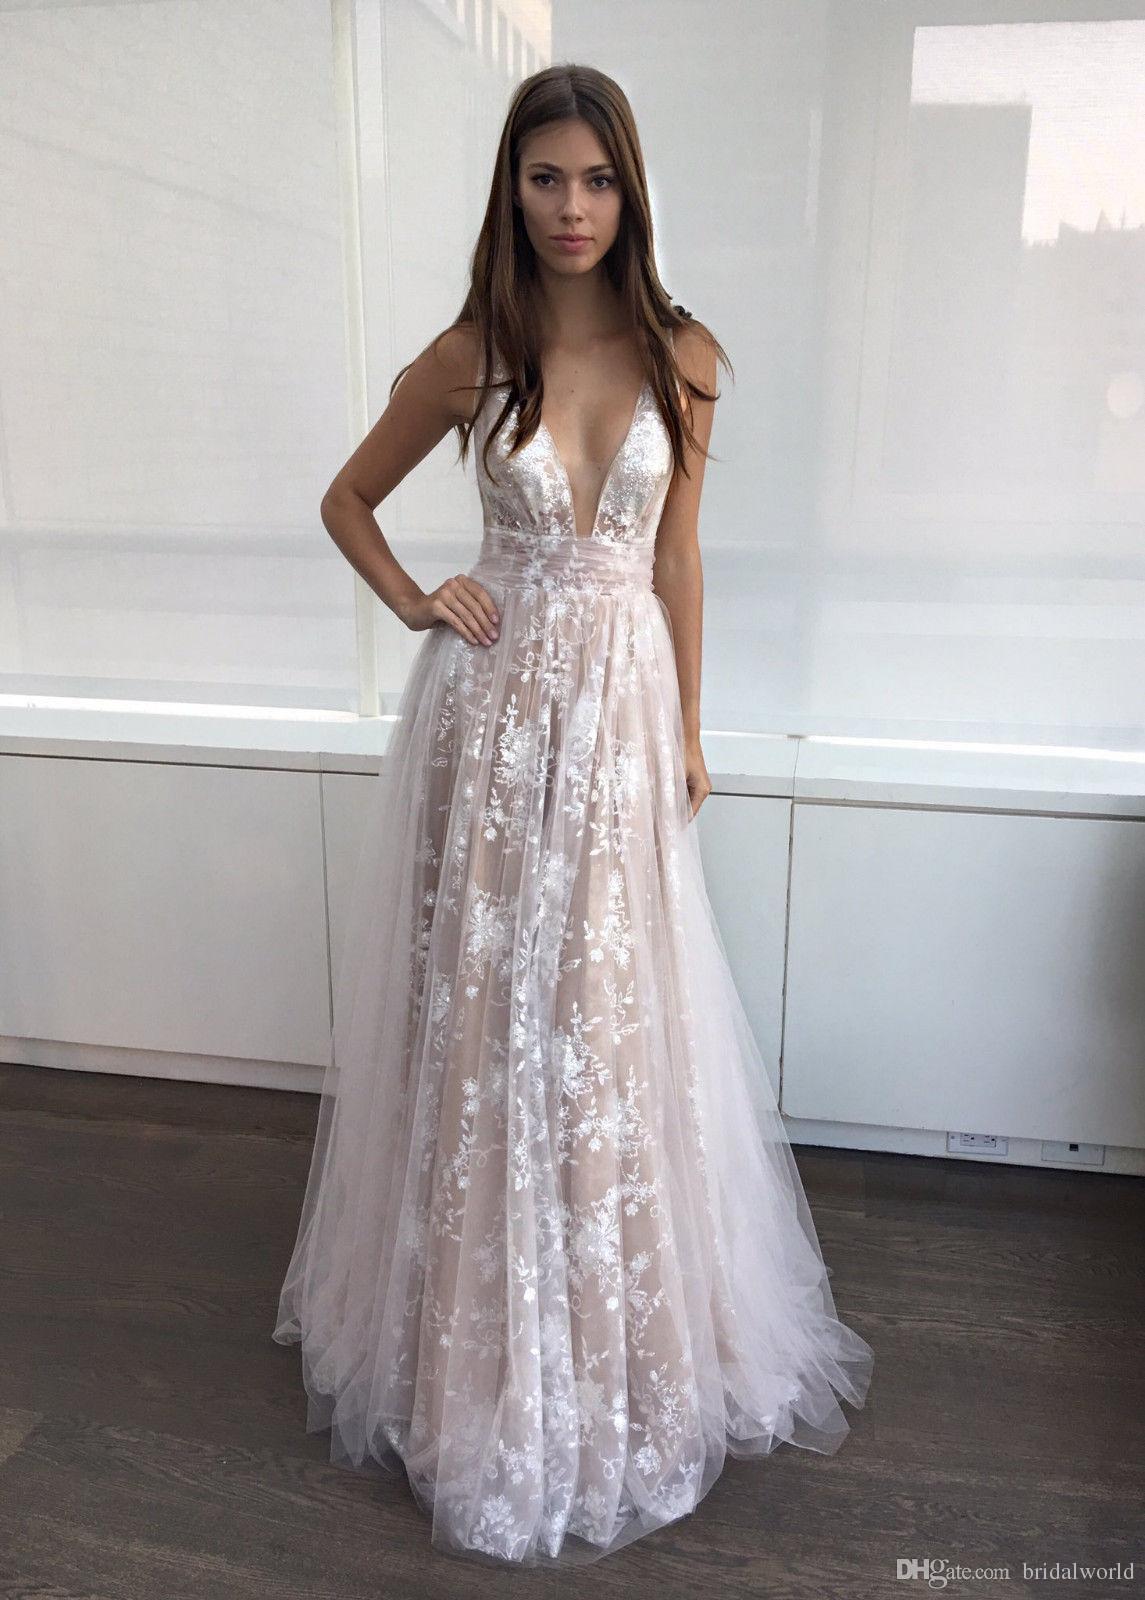 20 Schön Abendkleid Weiß Spitze für 2019Abend Großartig Abendkleid Weiß Spitze Stylish